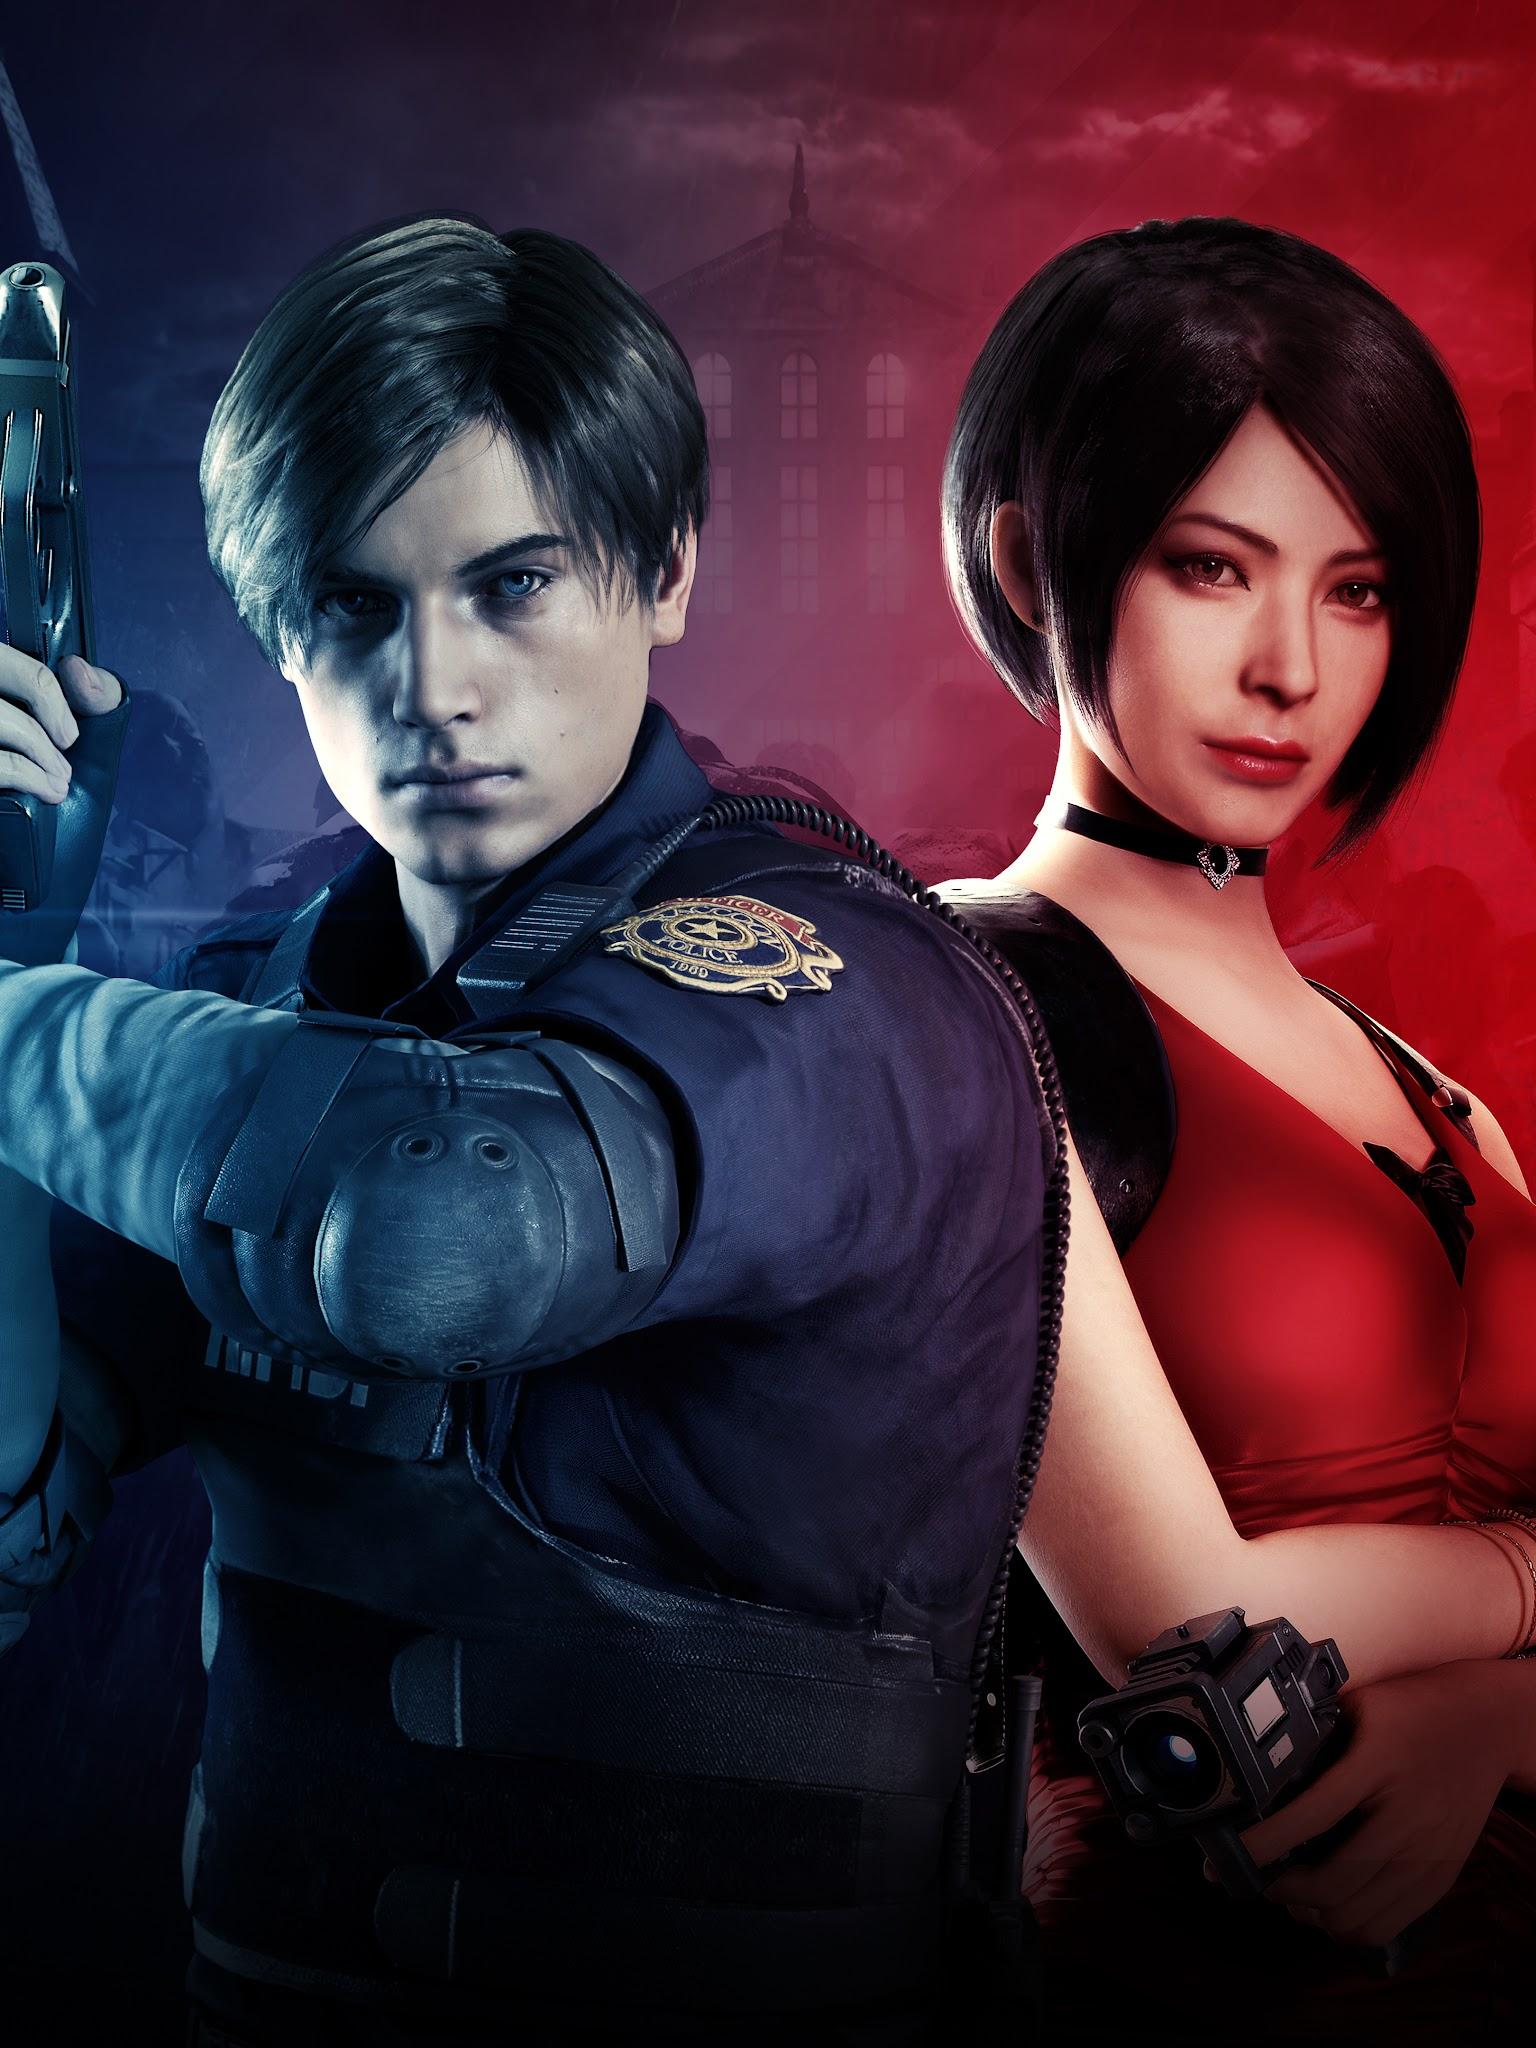 Leon S Kennedy Ada Wong Resident Evil 2 8k Wallpaper 7